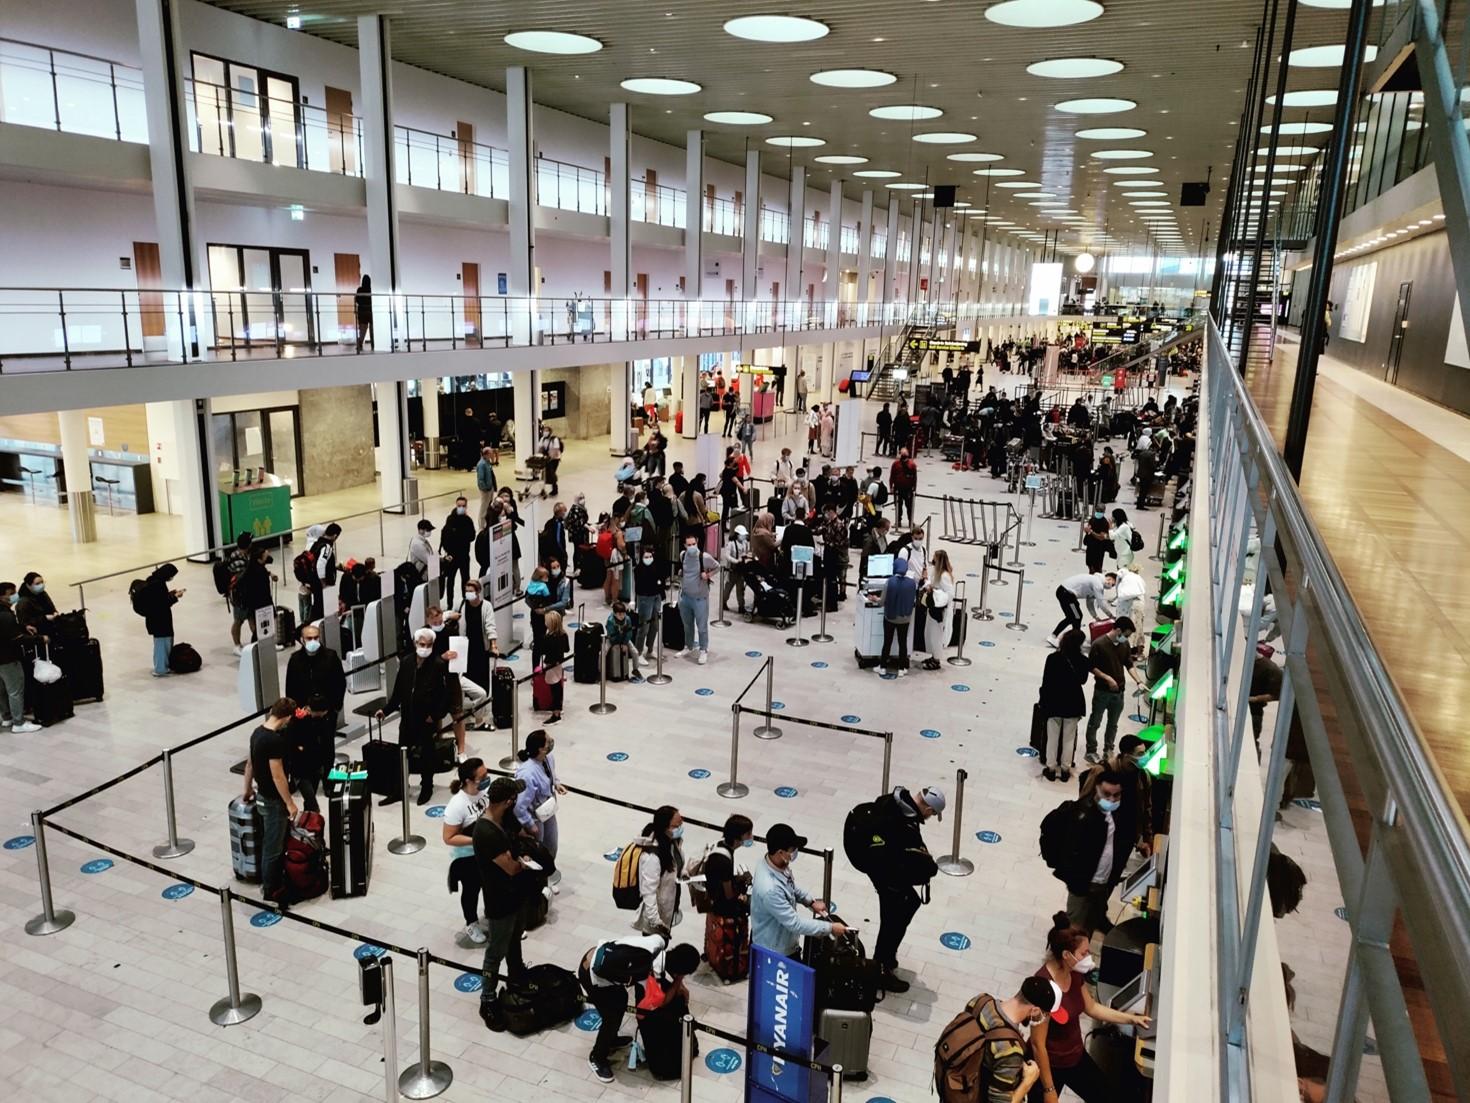 Morgentravlhed i Terminal 2 i Københavns Lufthavn. (Foto: Matthias Wagner)